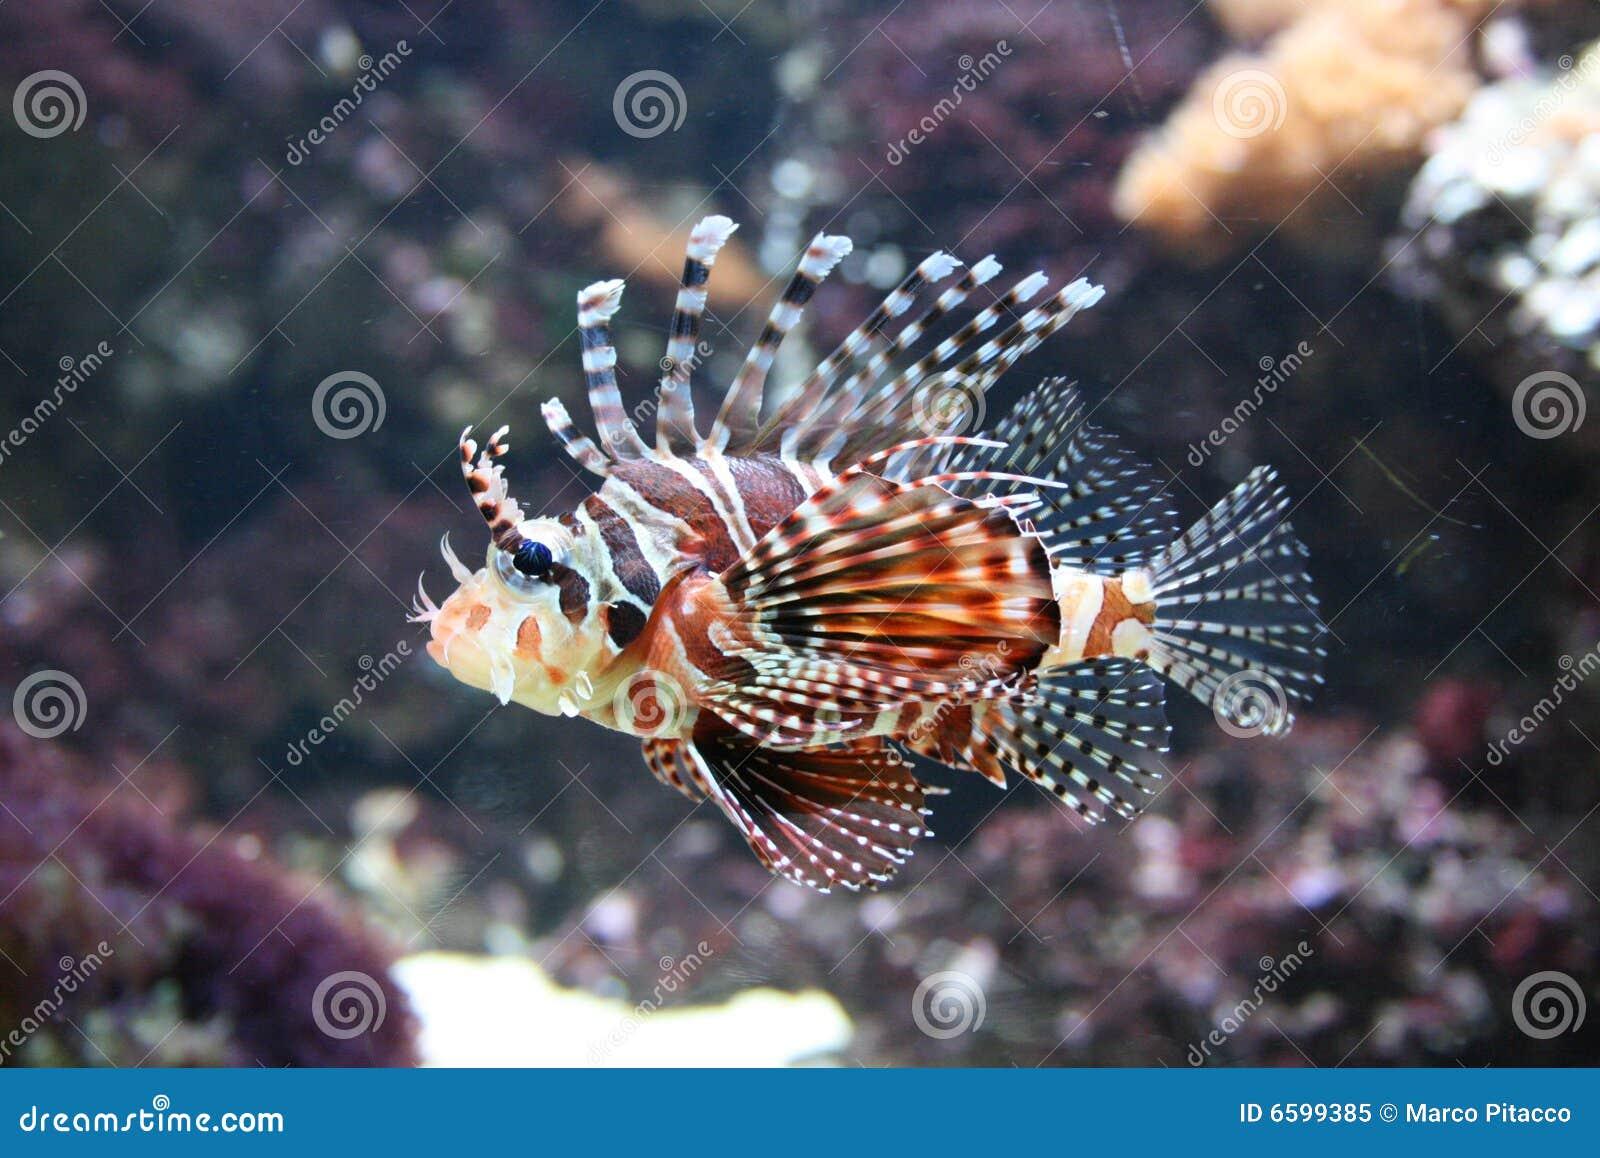 Tropische Vissen In Aquarium Royalty vrije Stock Foto   Afbeelding  6599385